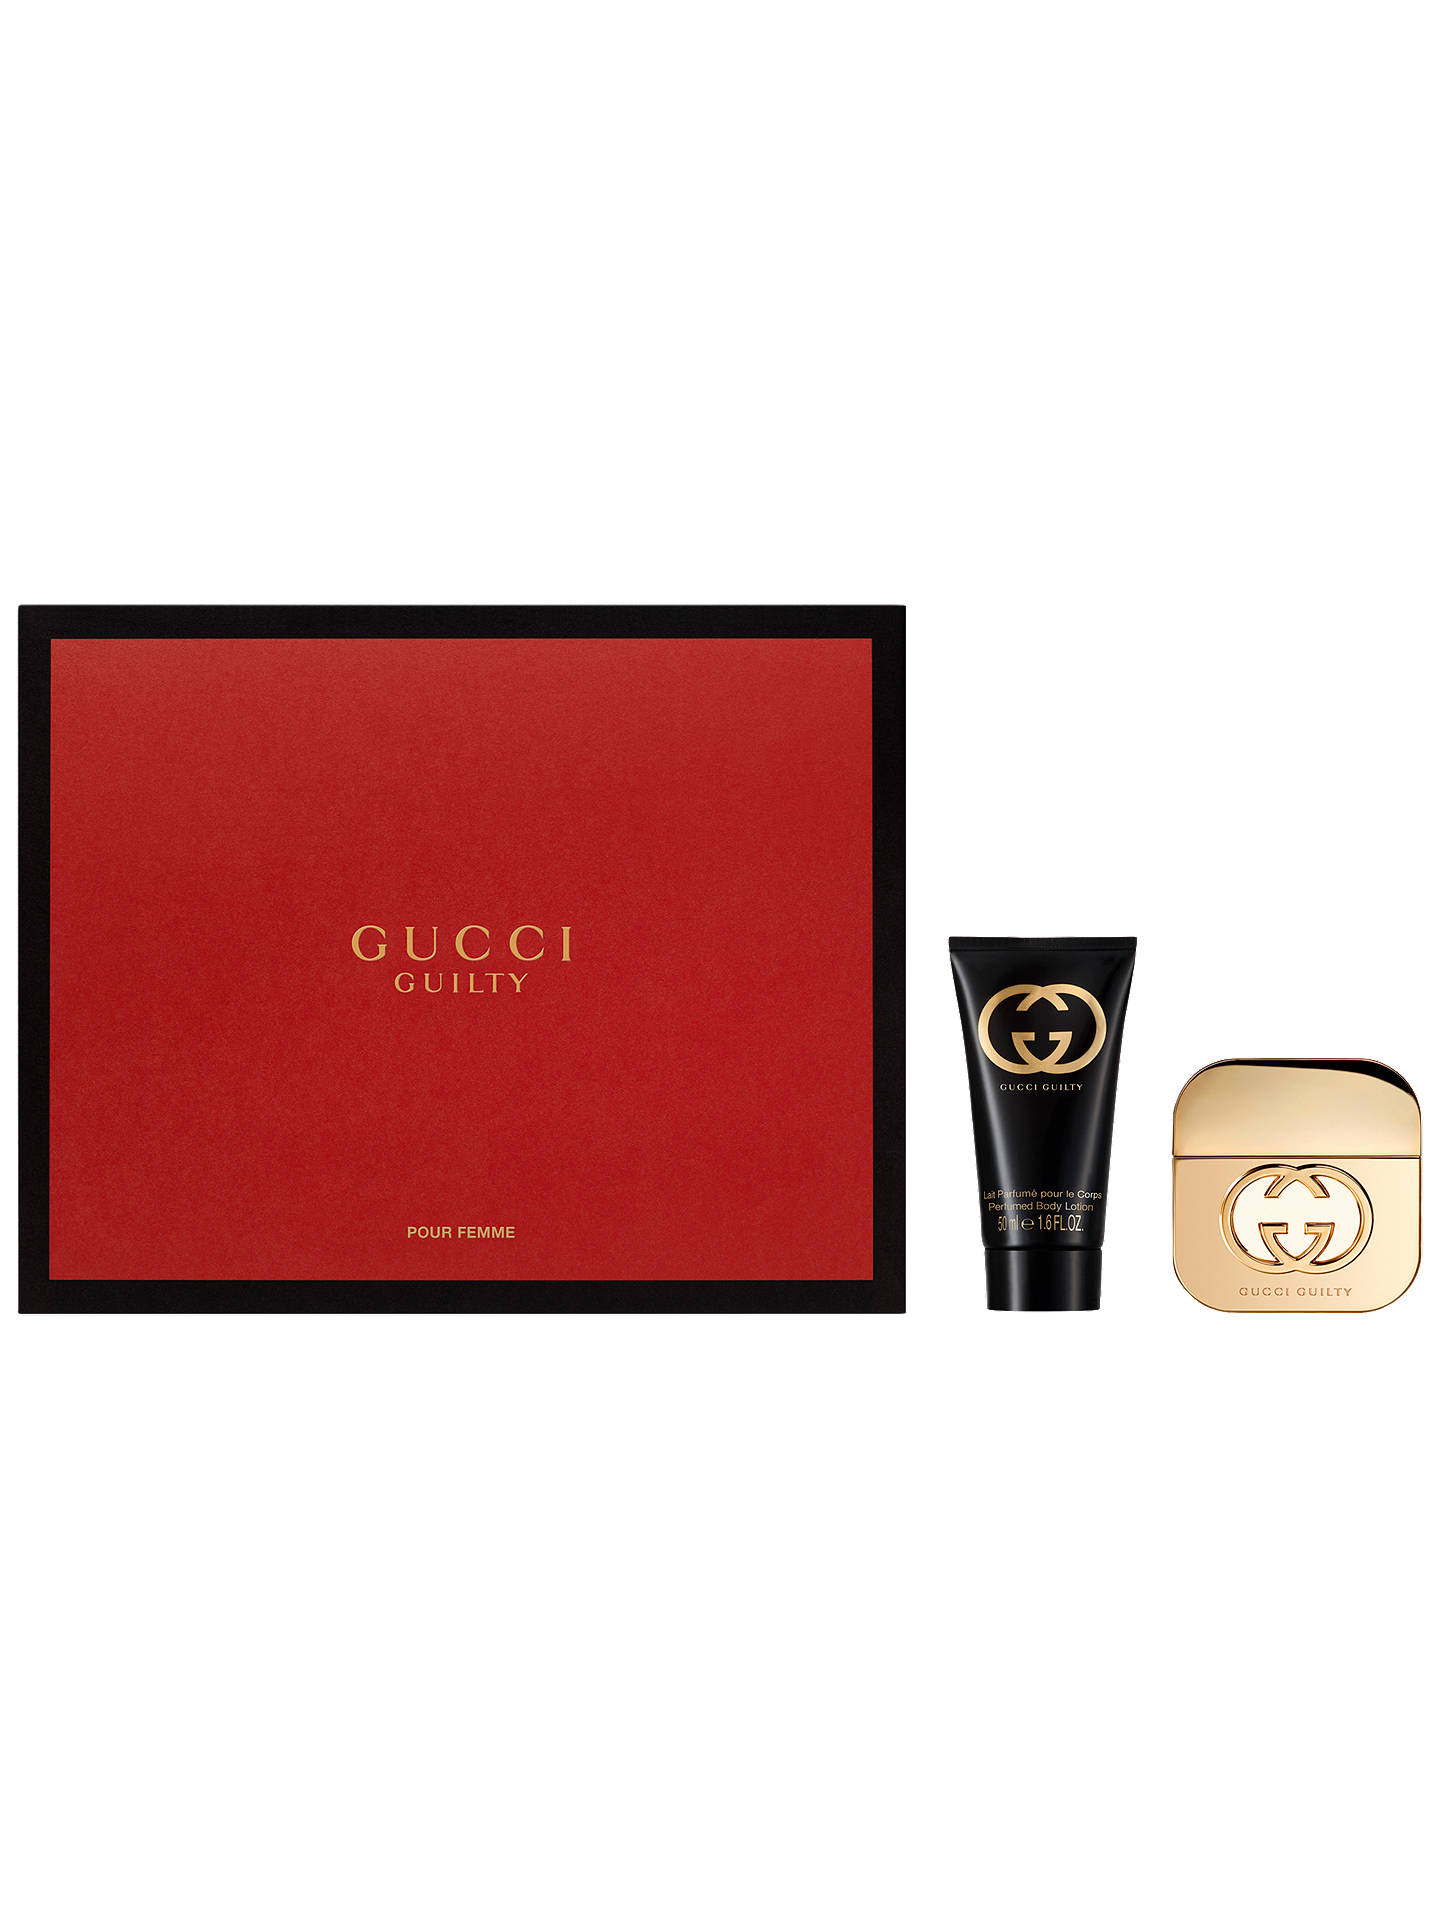 9bd34e3b7 Buy Gucci Guilty 30ml Eau de Toilette Fragrance Gift Set Online at  johnlewis.com